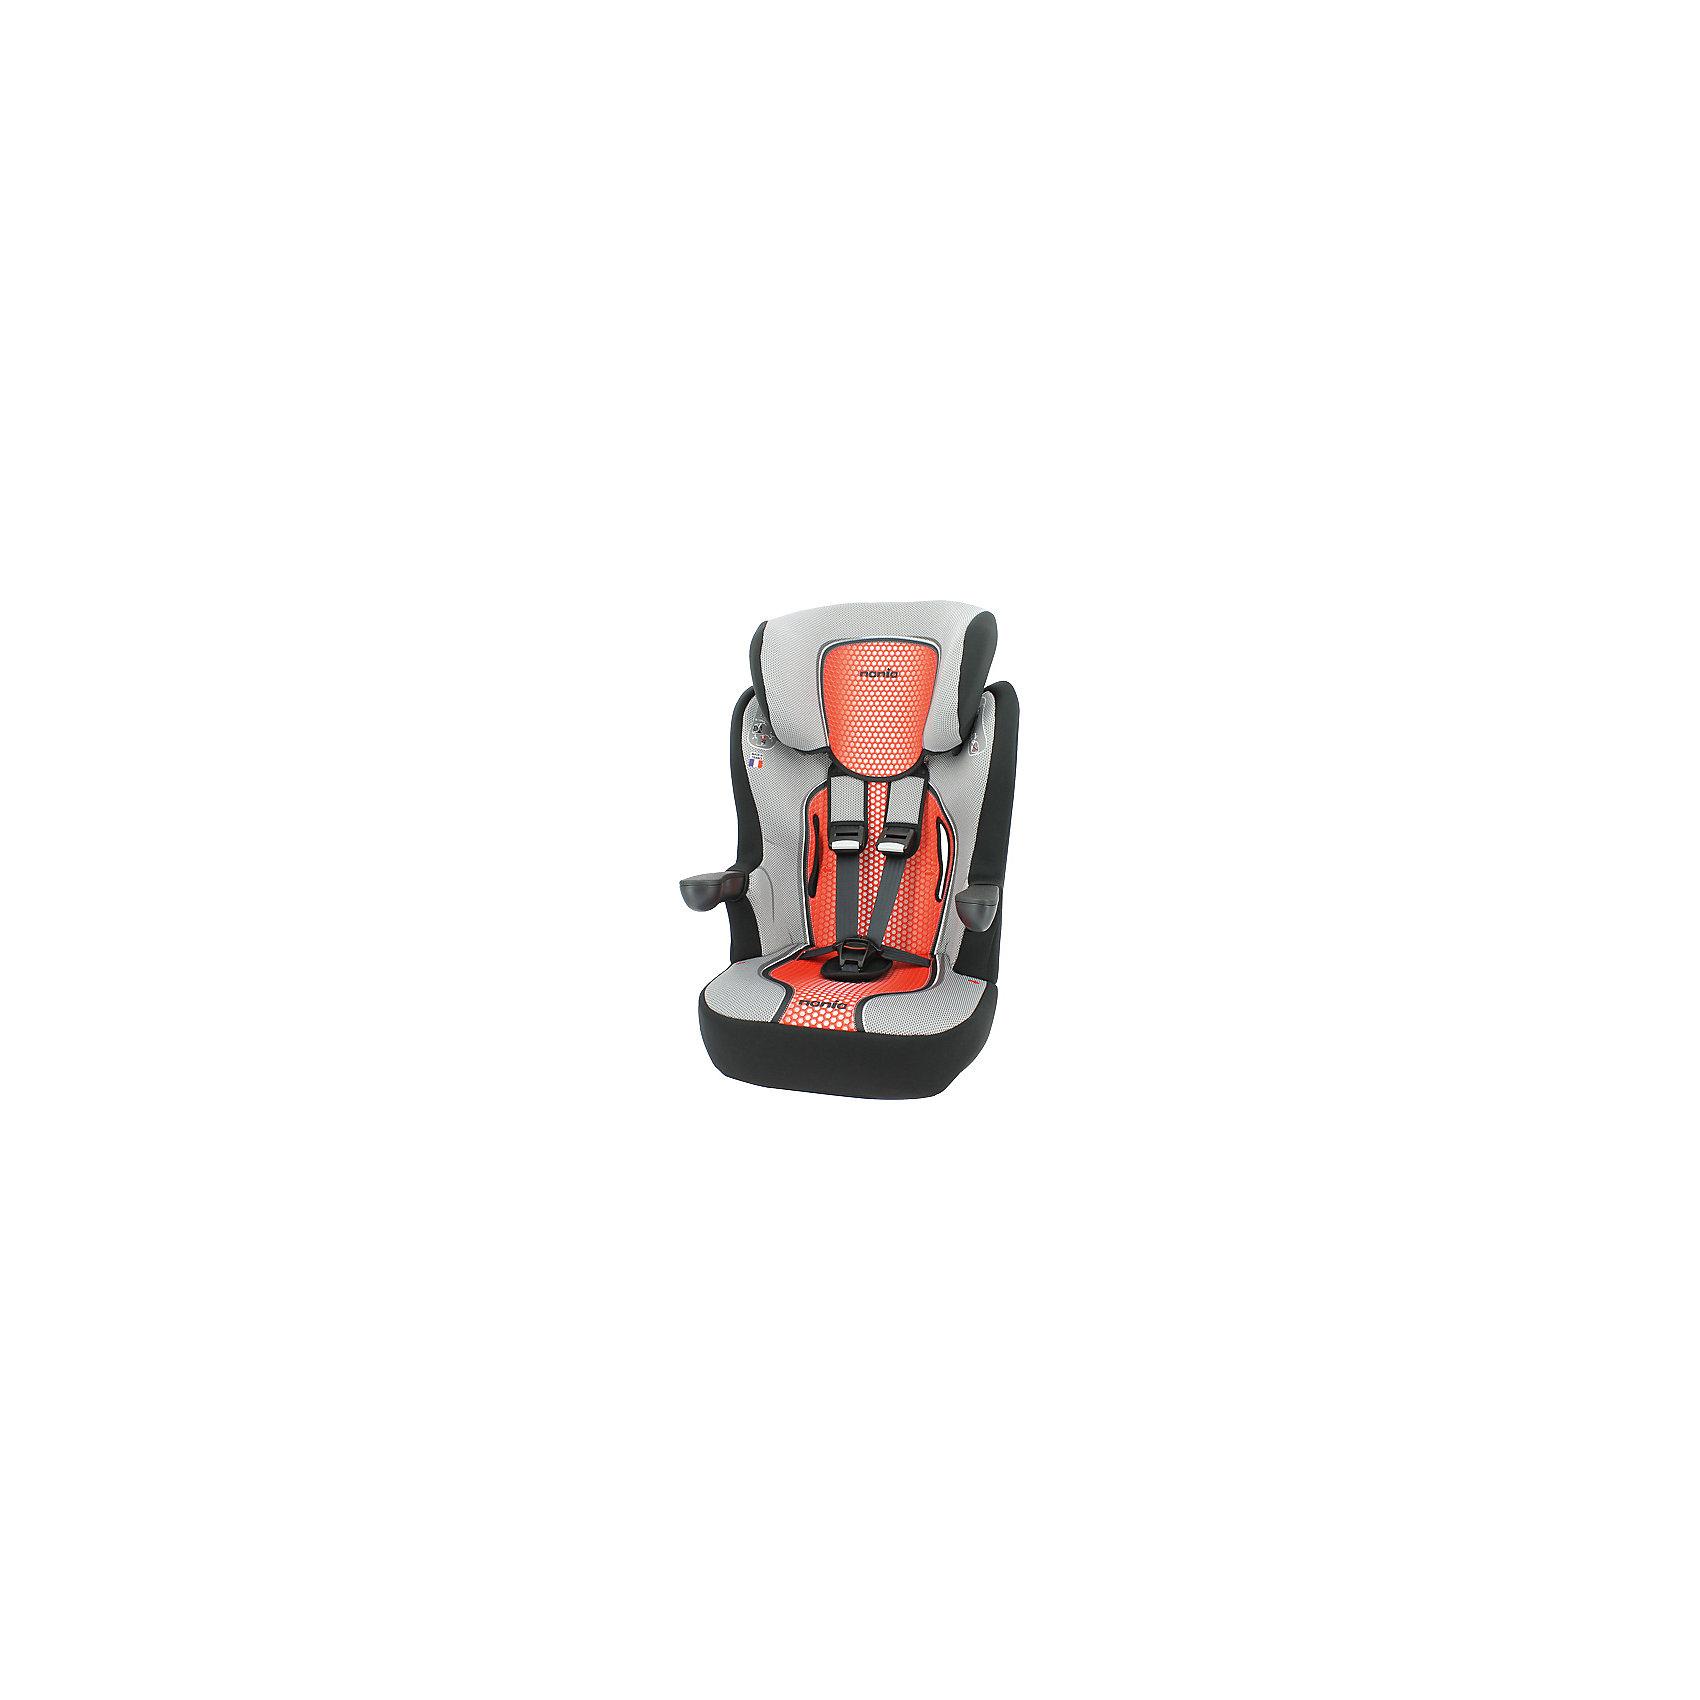 Автокресло Nania Imax SP FST 9-36 кг, pop red